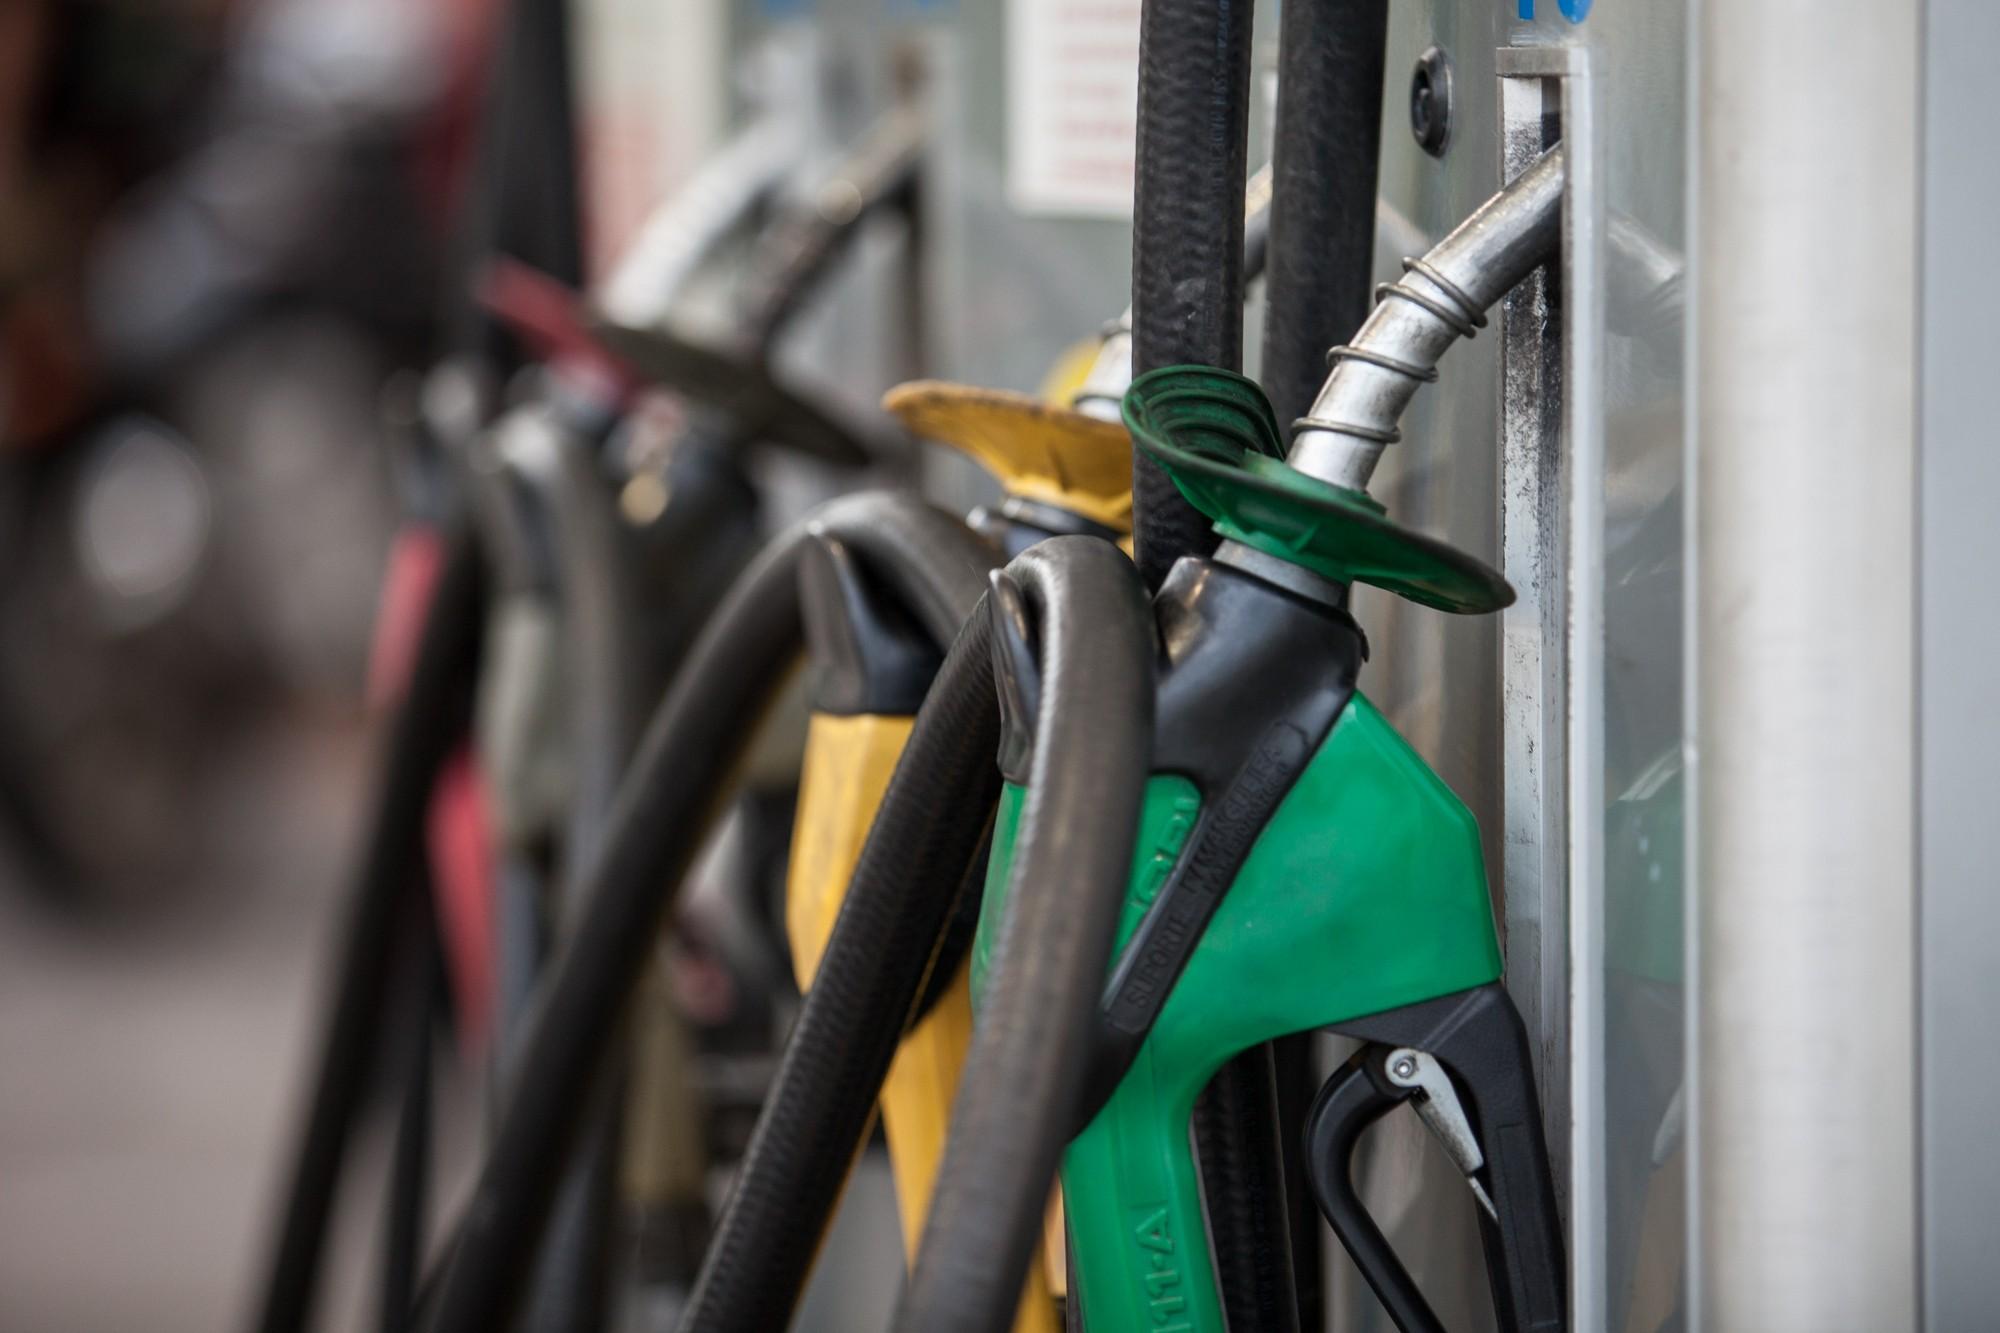 Preços da gasolina e do etanol têm nova alta, mostra ANP - Radio Evangelho Gospel